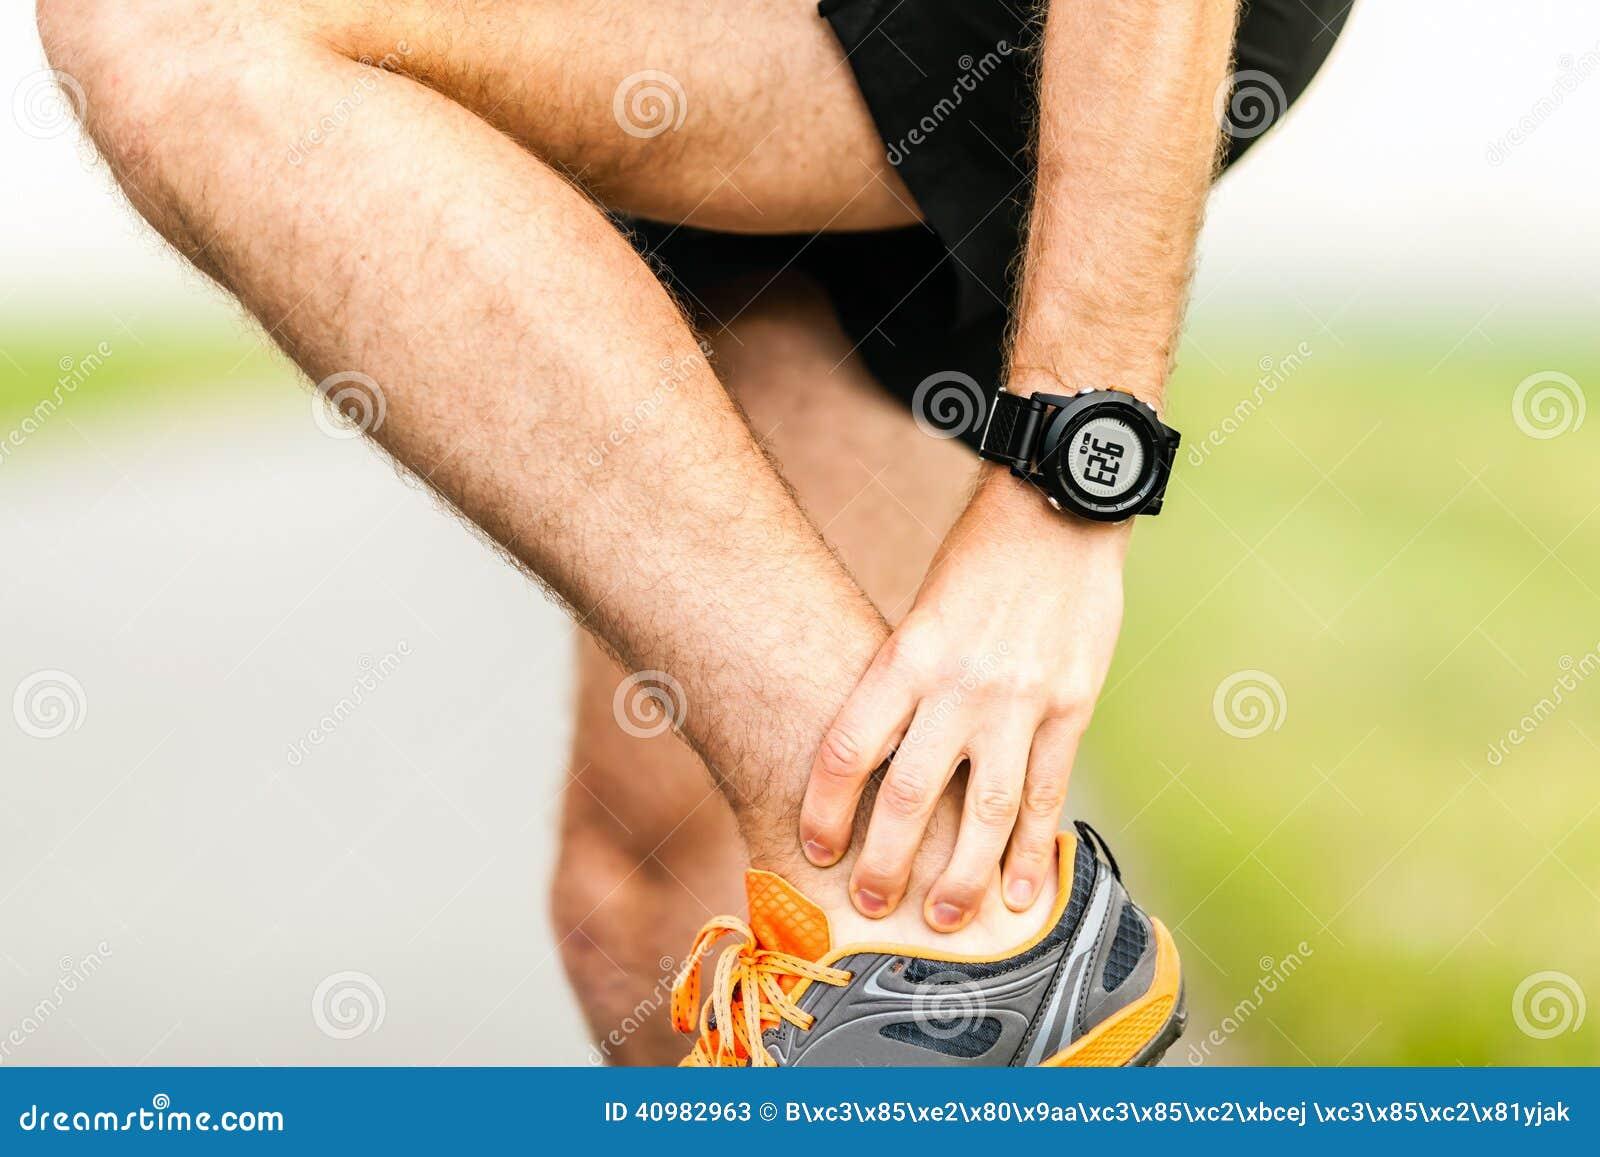 Blessure de douleur de genou de coureurs